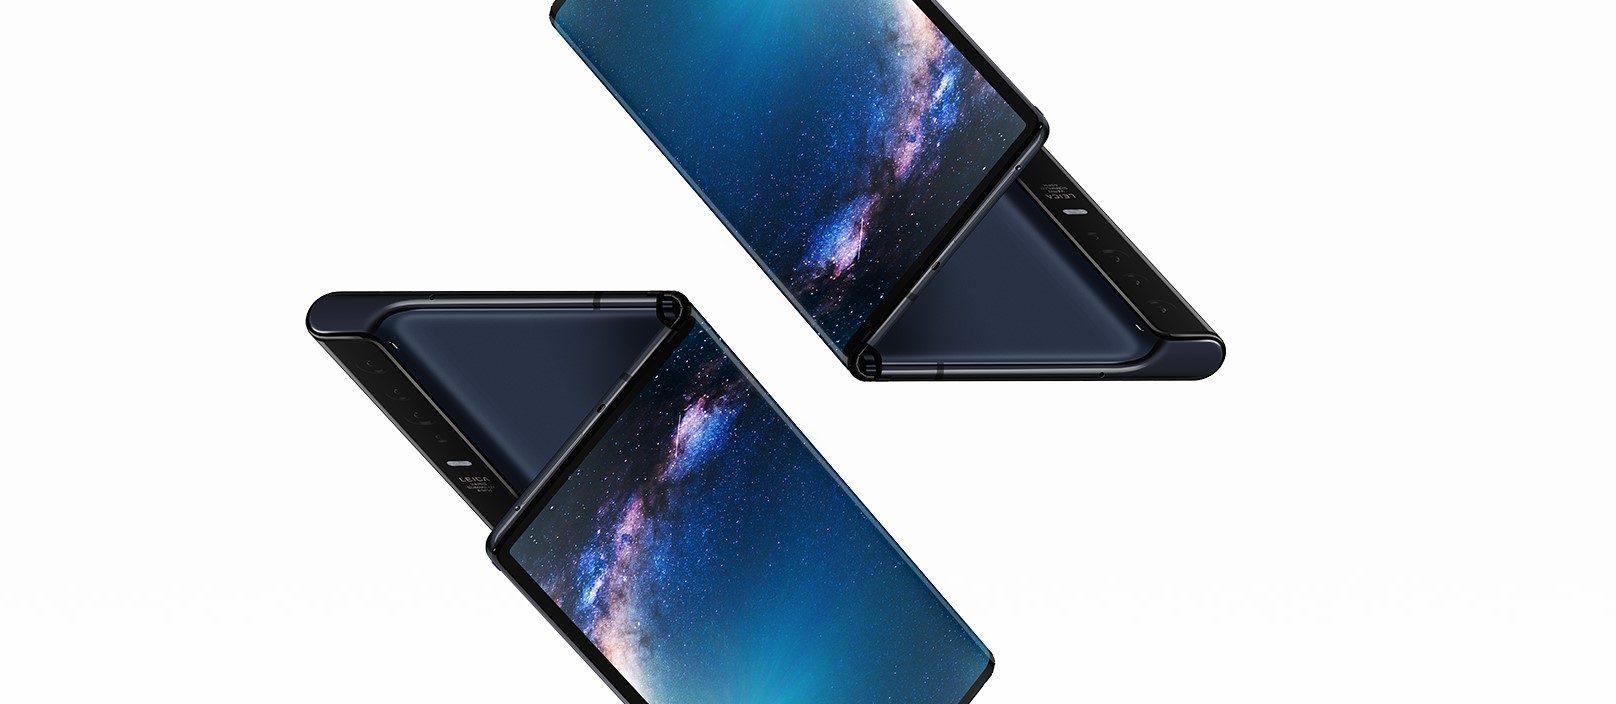 Huawei também apresentou ao mundo seu primeiro smartphone dobrável